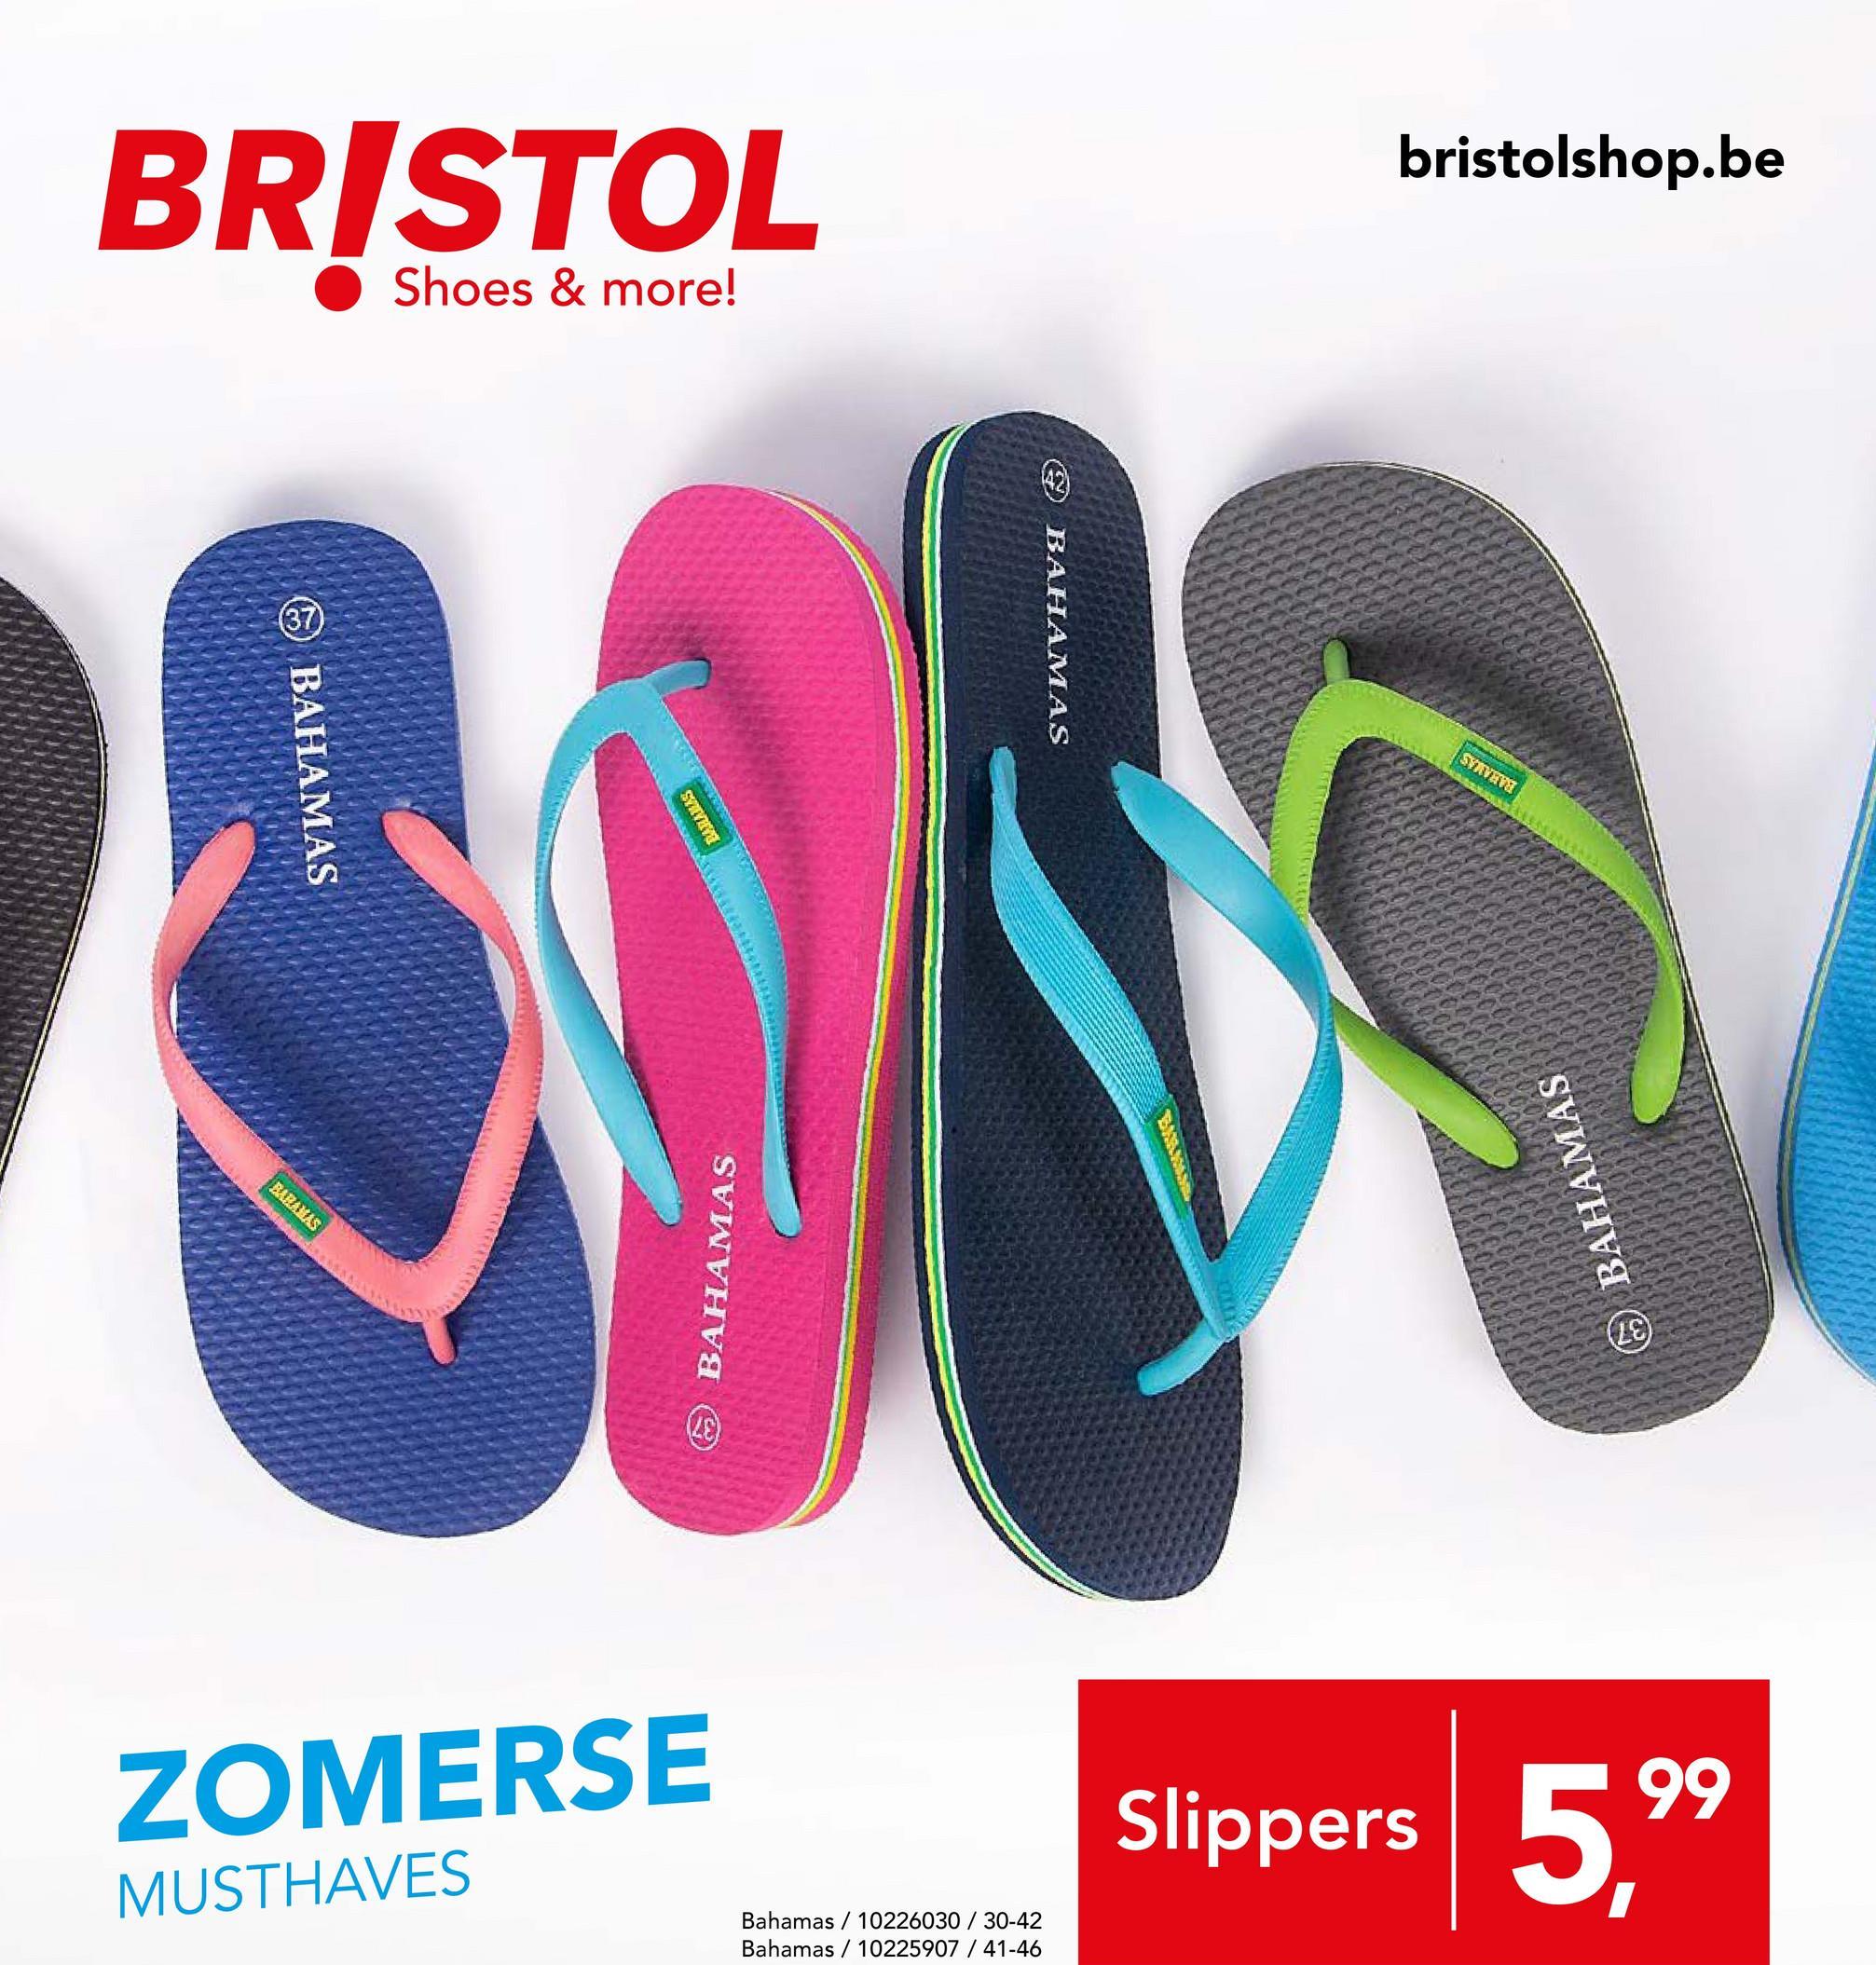 schoenen promoties myShopi